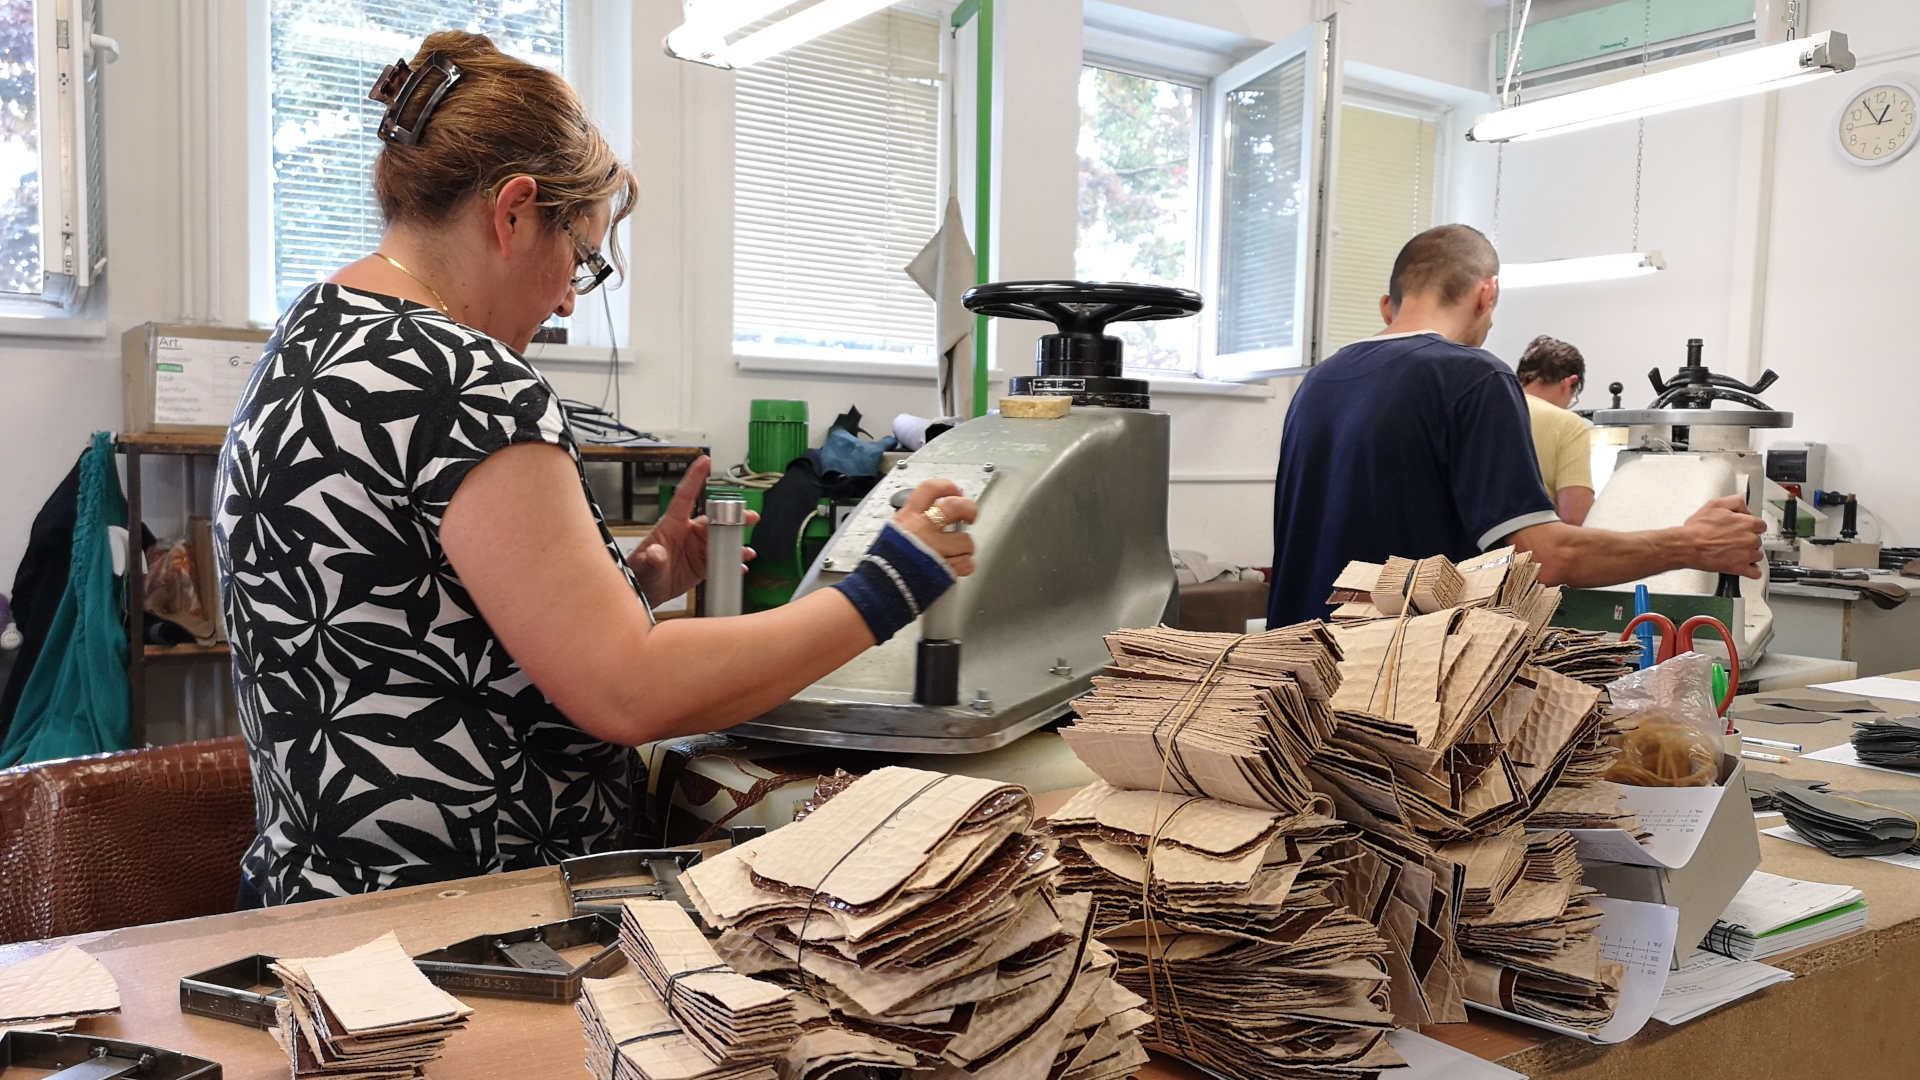 manufacturing upper footwear, women's footwear industry